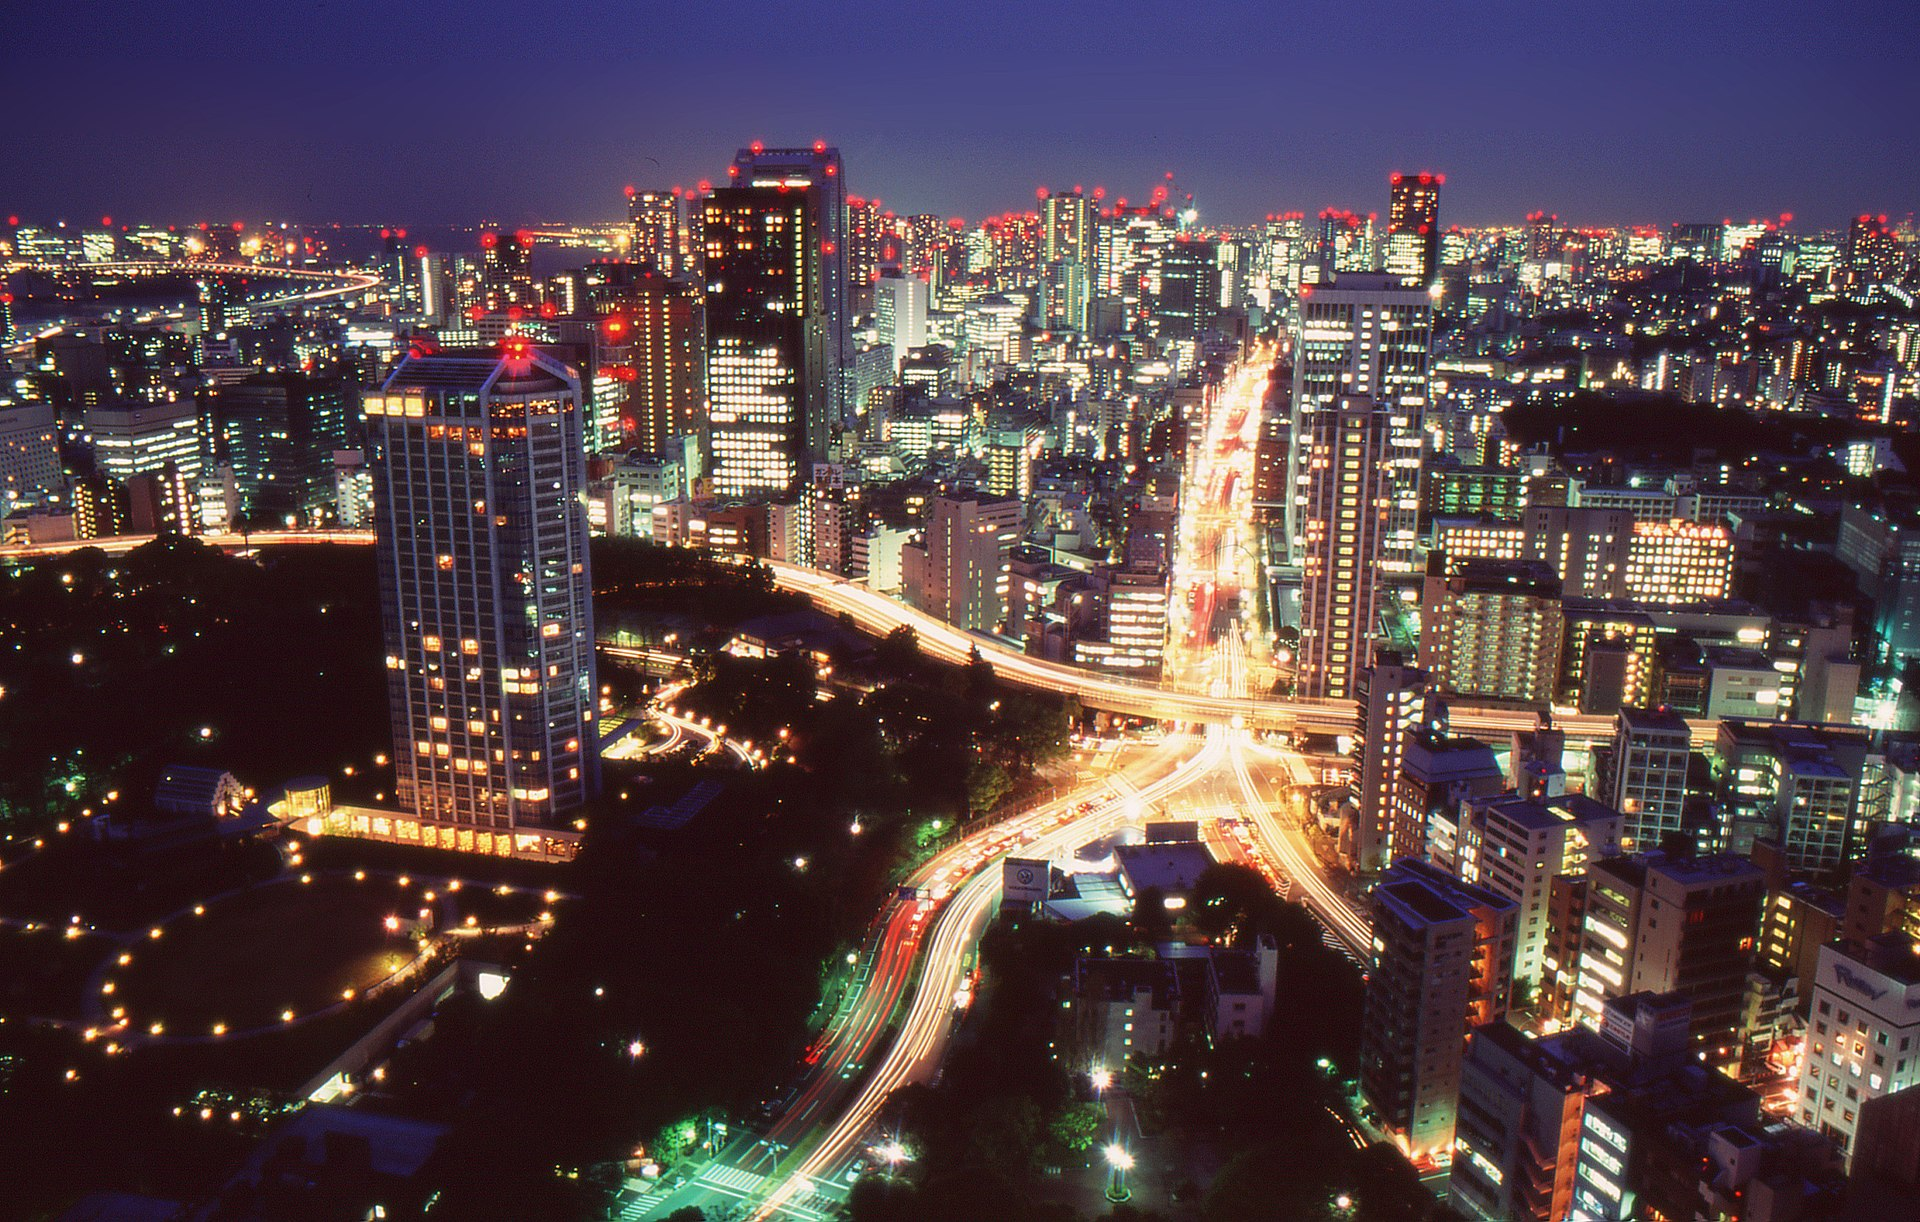 Ταξίδι σε 6 πόλεις: Δείτε τις έξι διαλέξεις για την αρχιτεκτονική